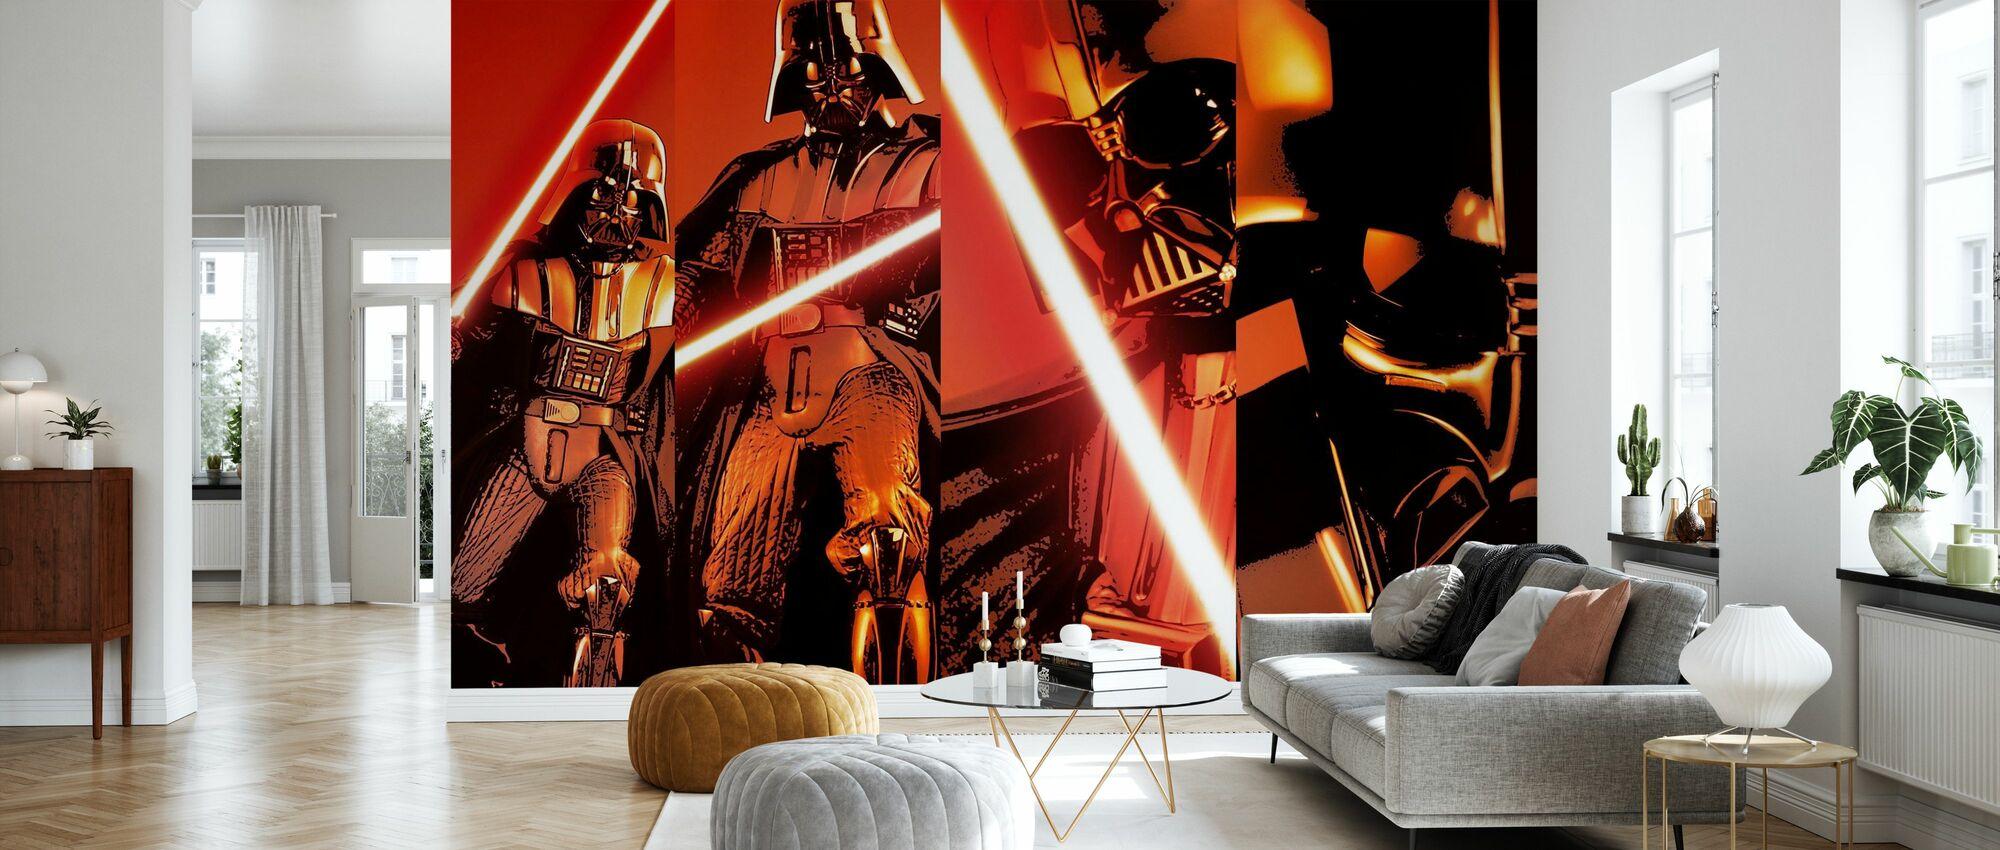 Stjärnornas krig - Darth Vader x 4 - Tapet - Vardagsrum